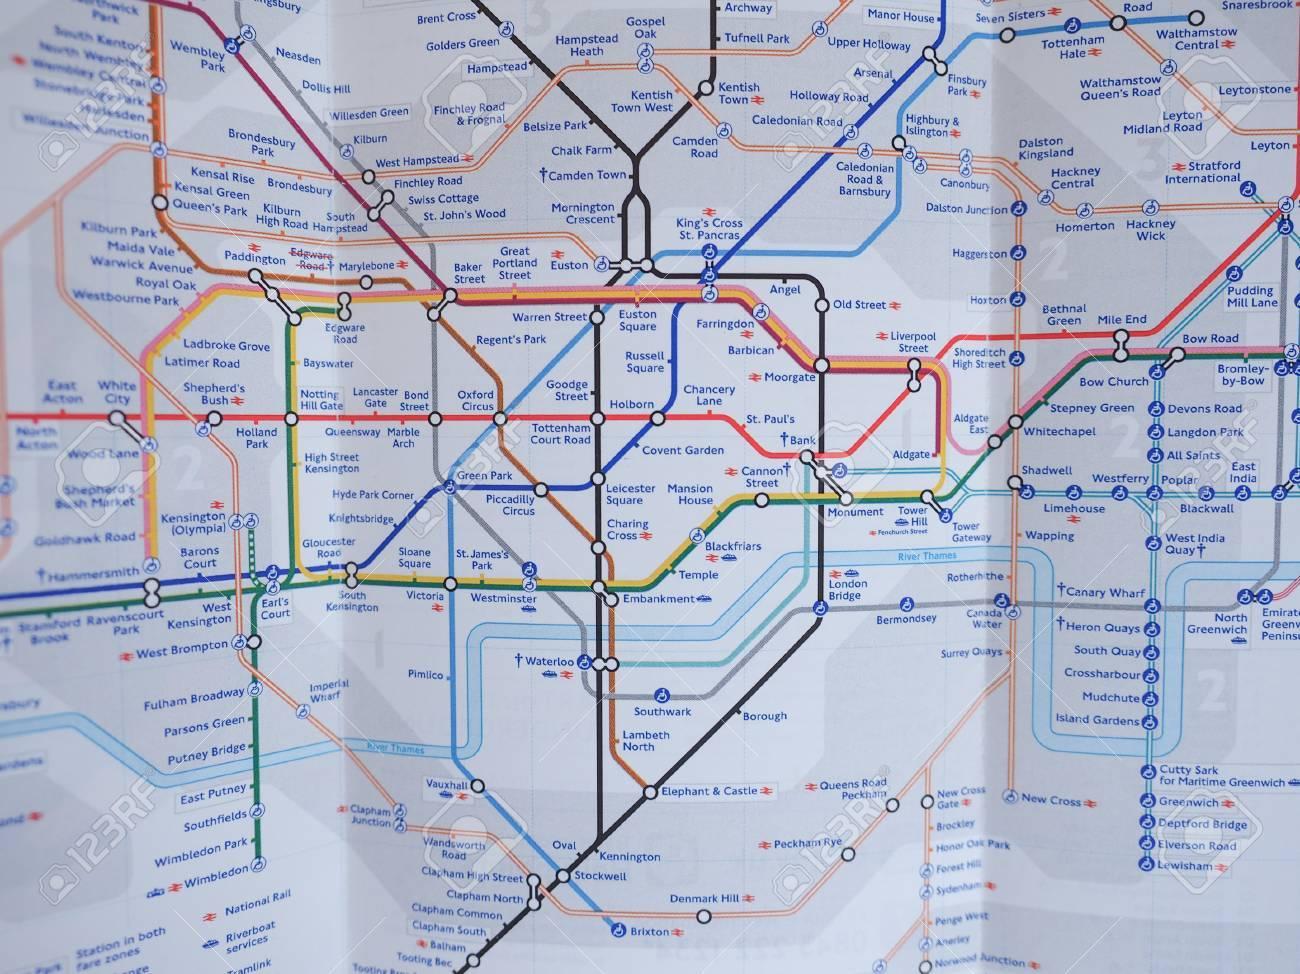 london uk january 10 2015 tube map of the london underground subway